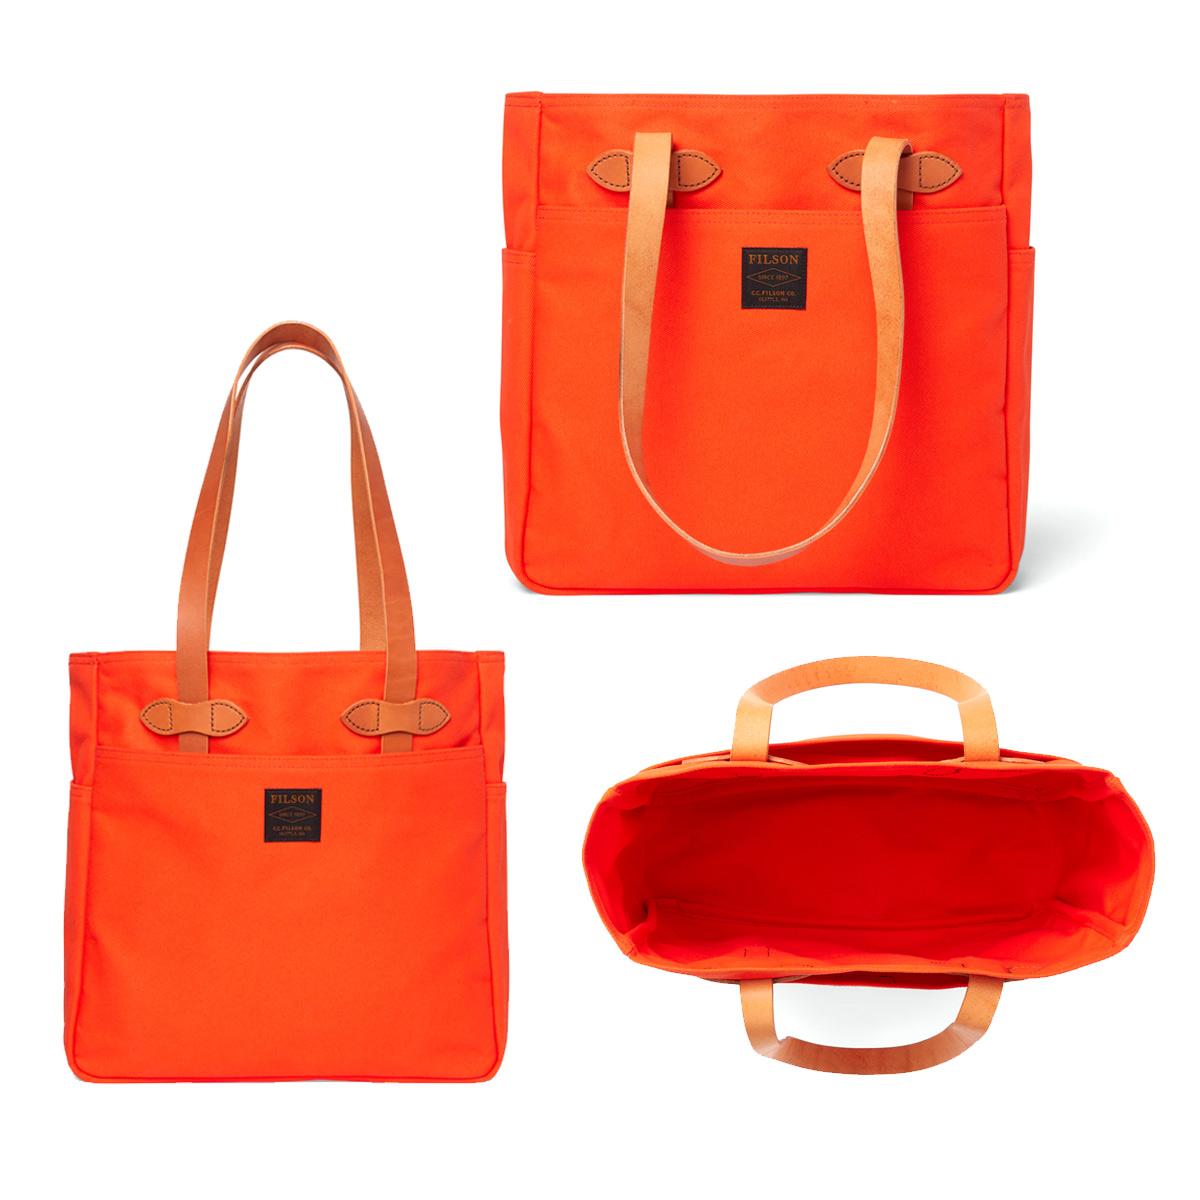 Filson Rugged Twill Tote Bag Pheasant Red, gemaakt voor mannen en vrouwen die van gemak, stijl en kwaliteit houden